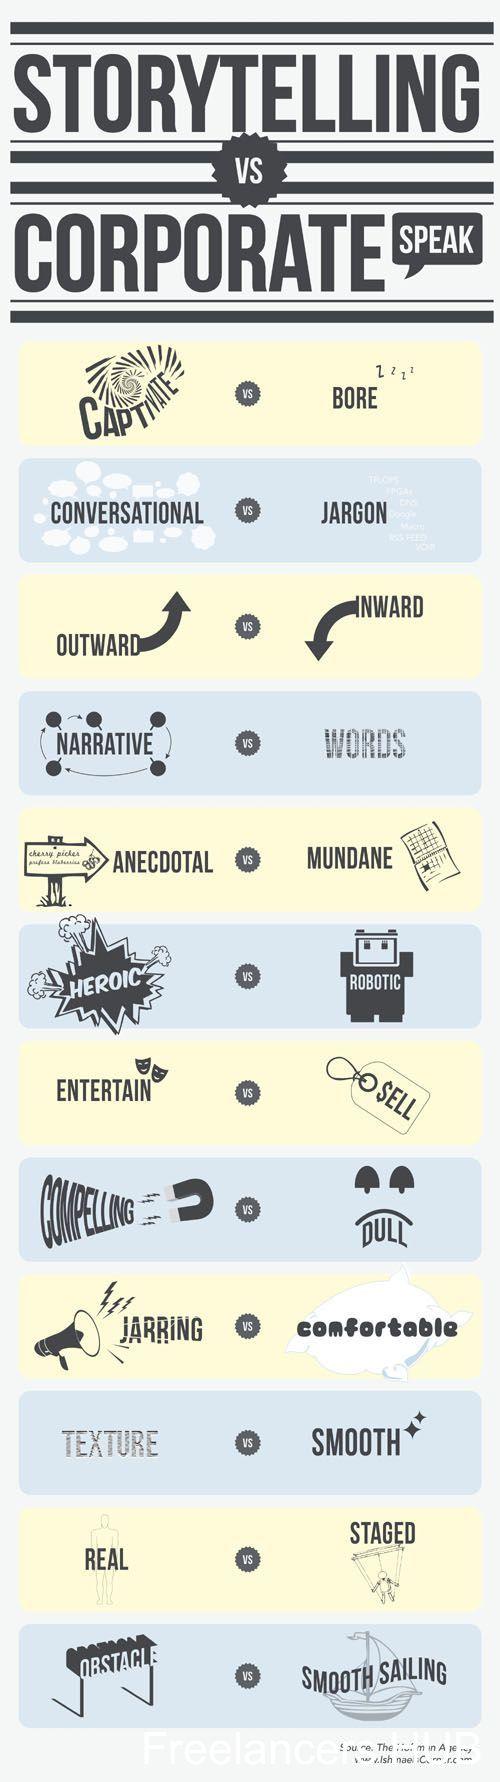 Storytelling vs